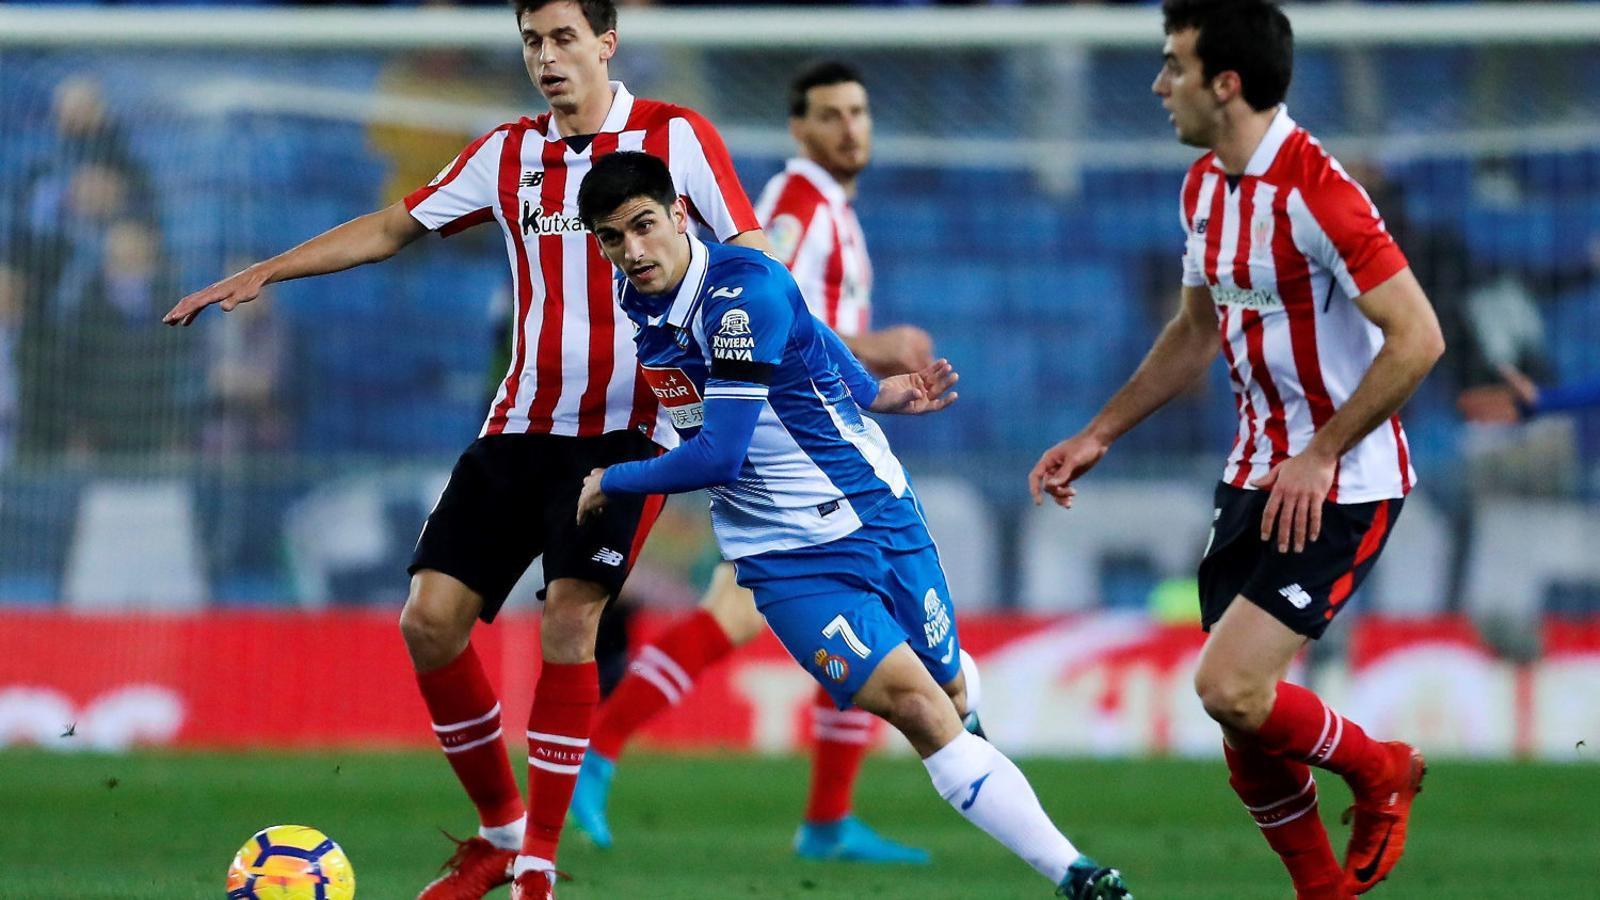 Amb l'imprescindible Moreno no n'hi ha prou per tombar l'Athletic